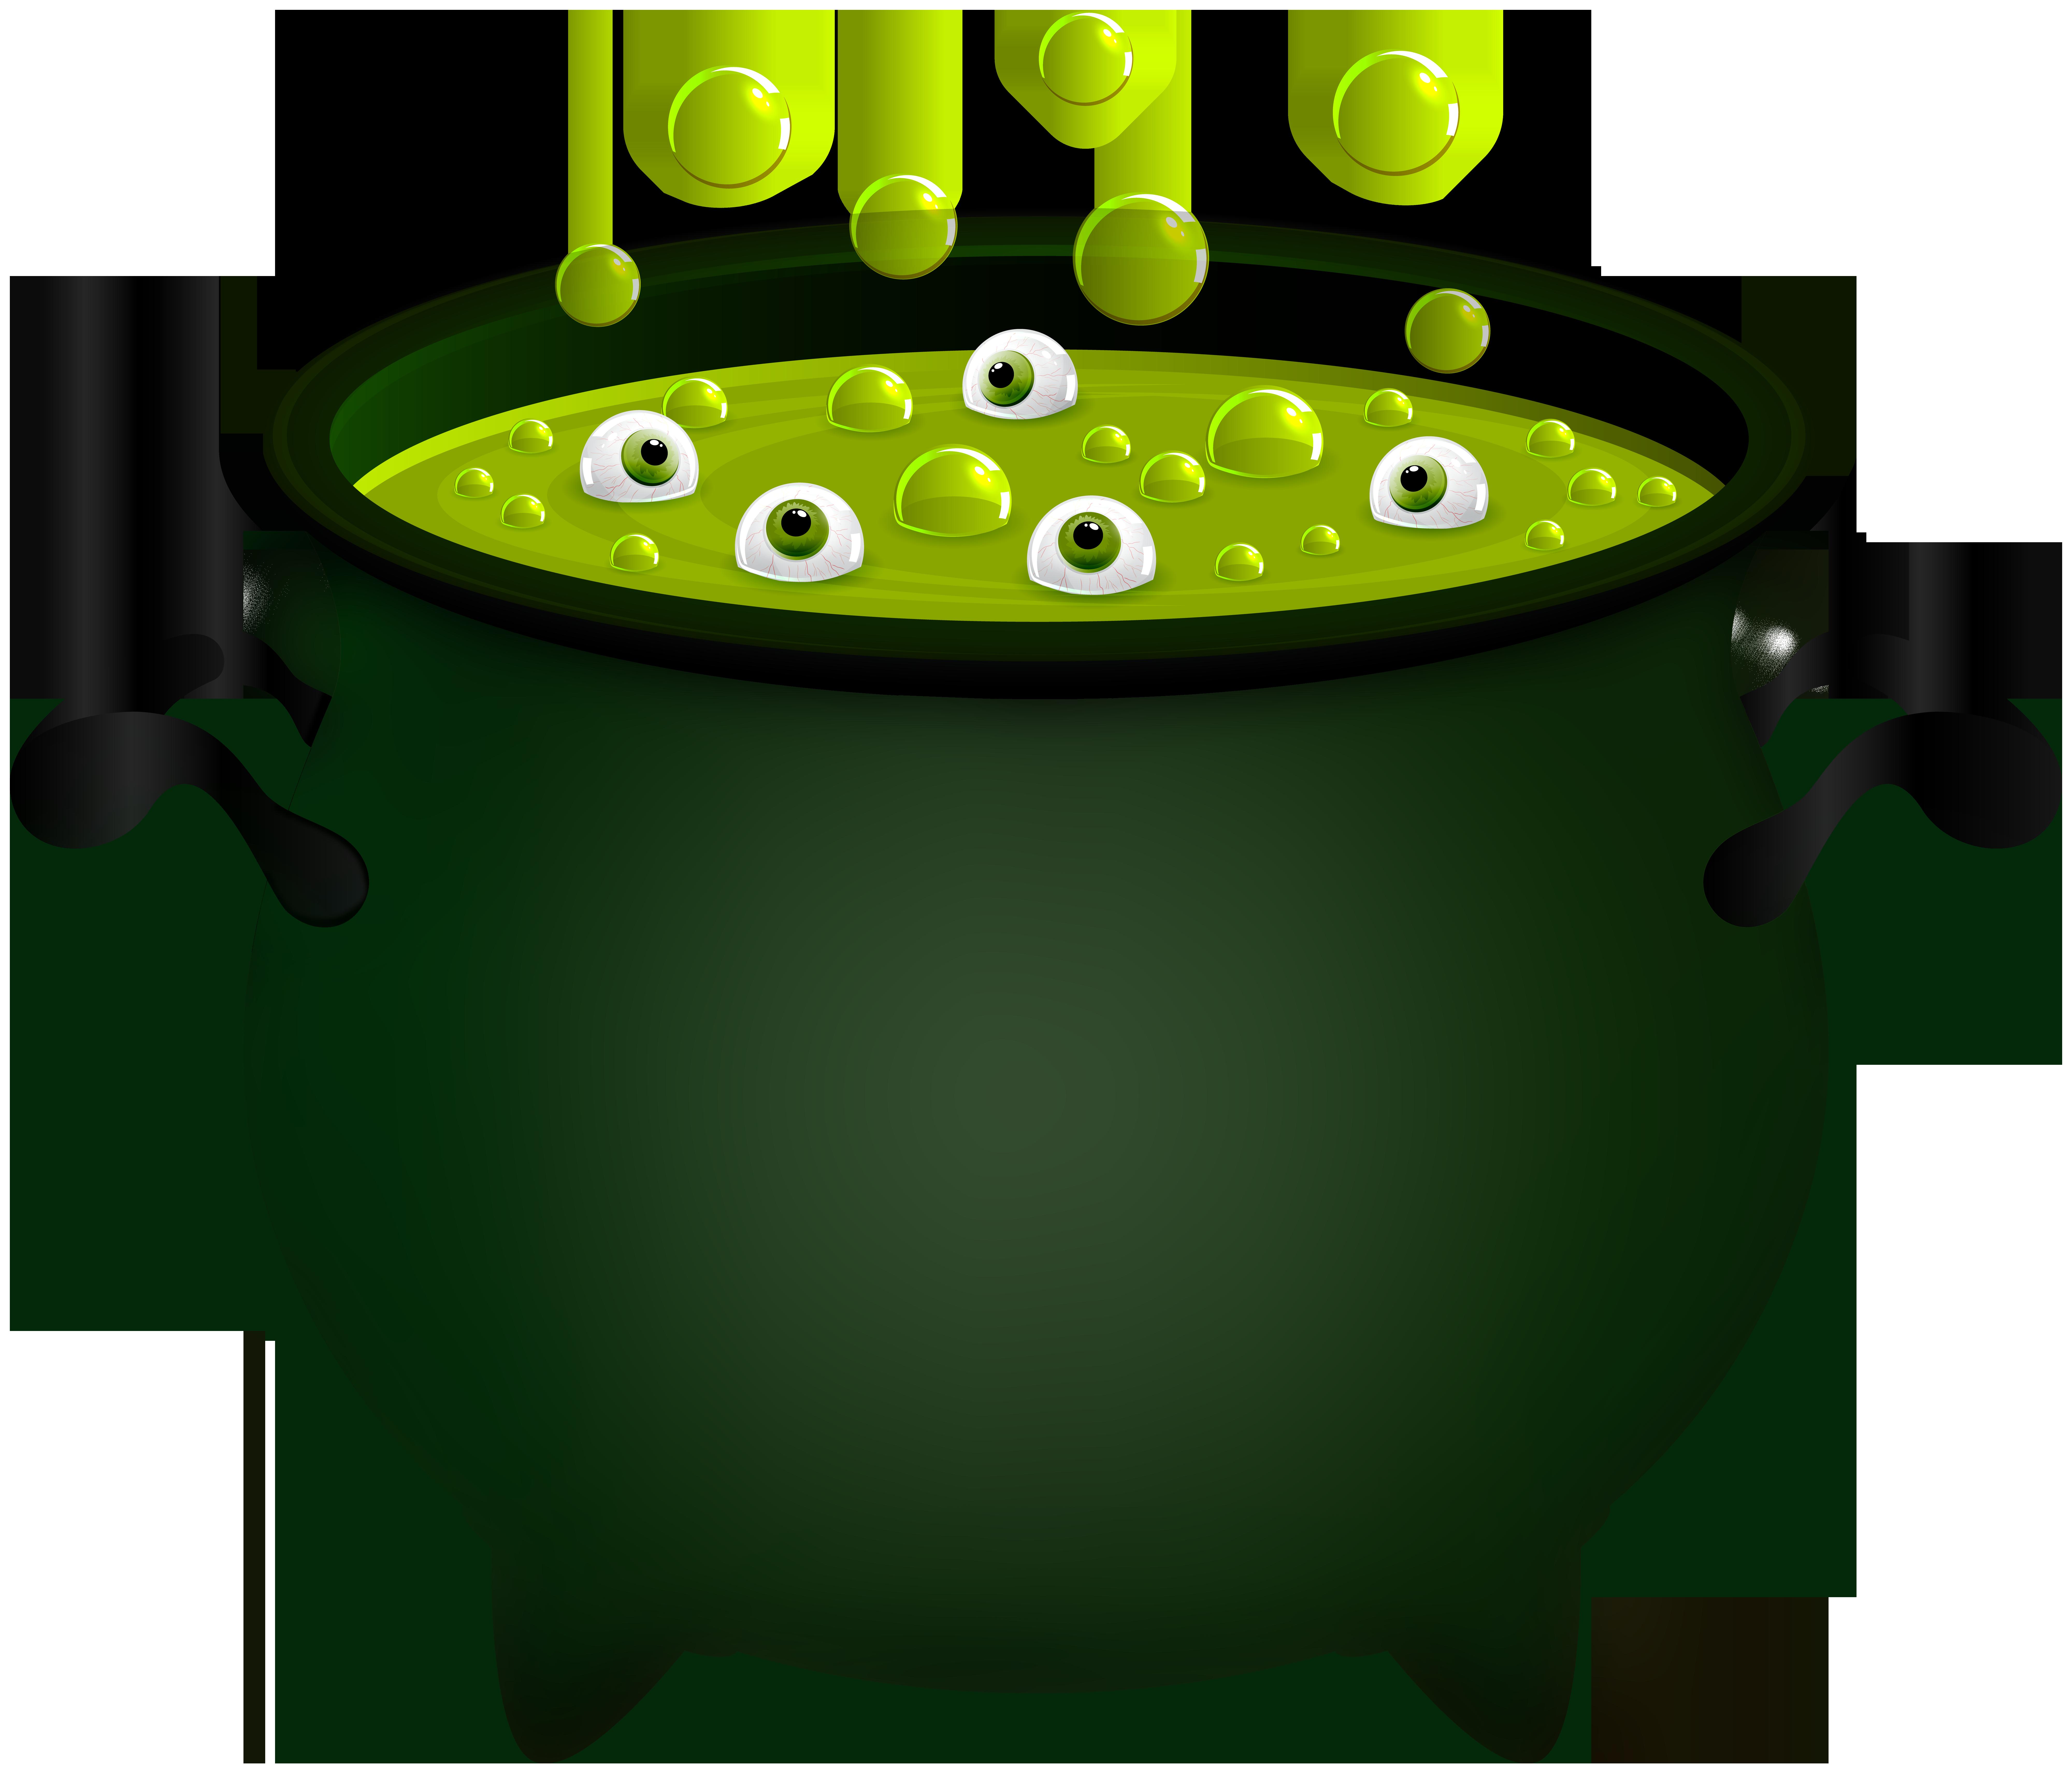 Png clip art image. Witch clipart cauldron